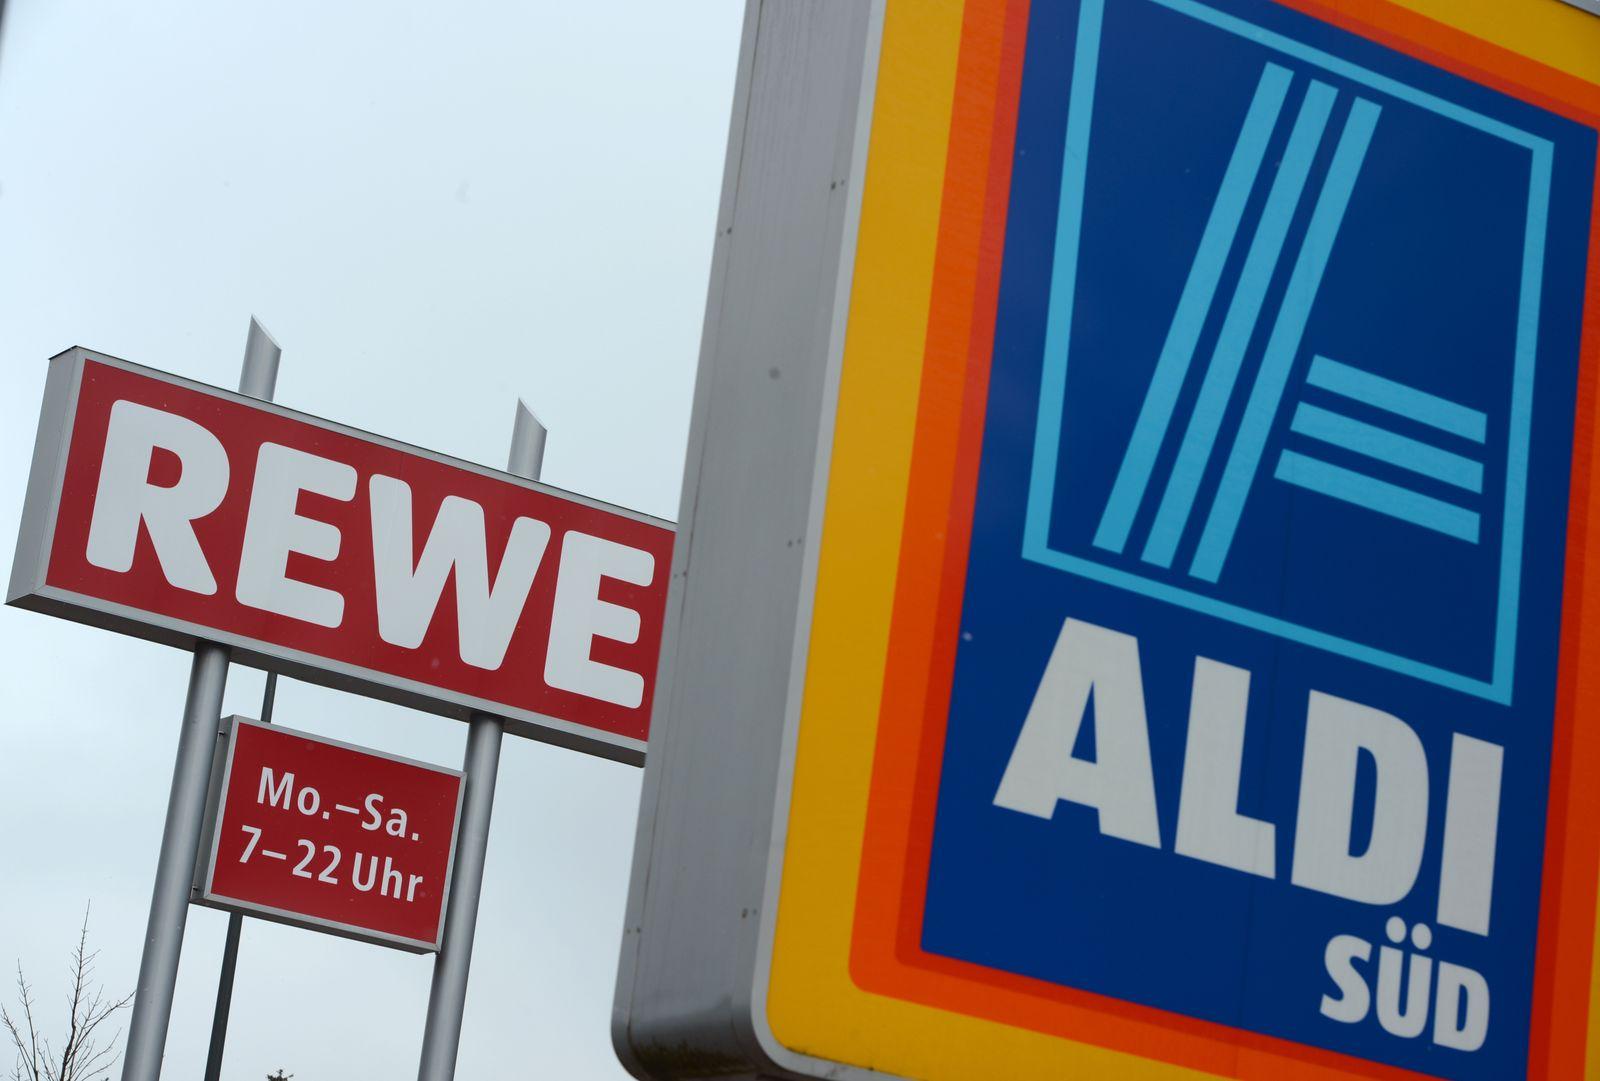 Supermarkt / Discounter / REWE ALDI